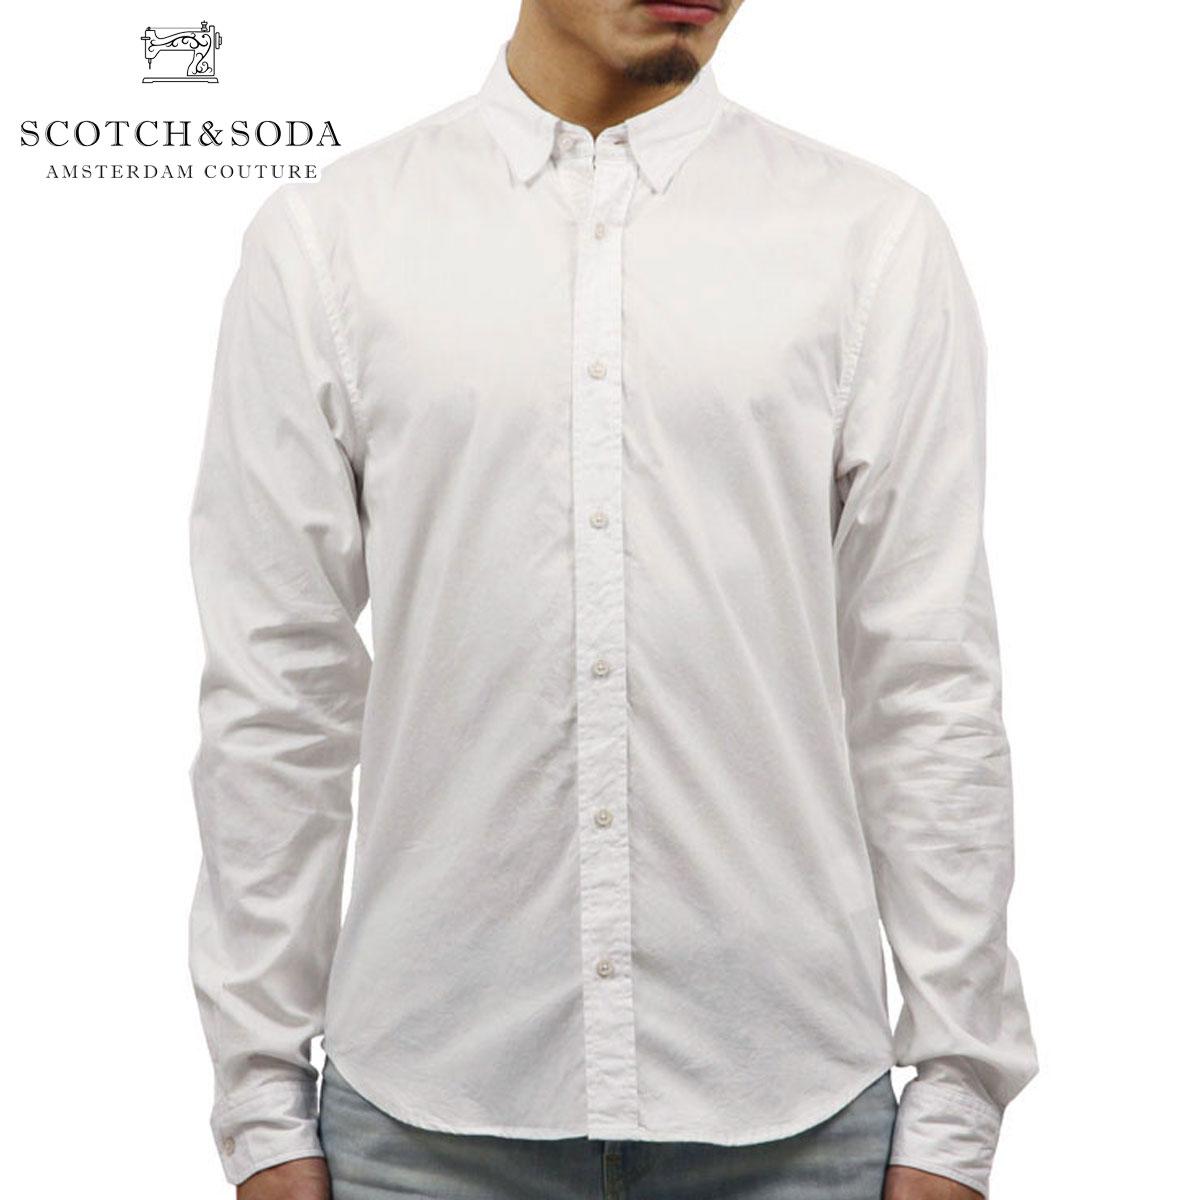 スコッチアンドソーダ SCOTCH&SODA 正規販売店 メンズ 長袖シャツ CLASSIC DENIM SHIRT 136314 0102 DENIM W